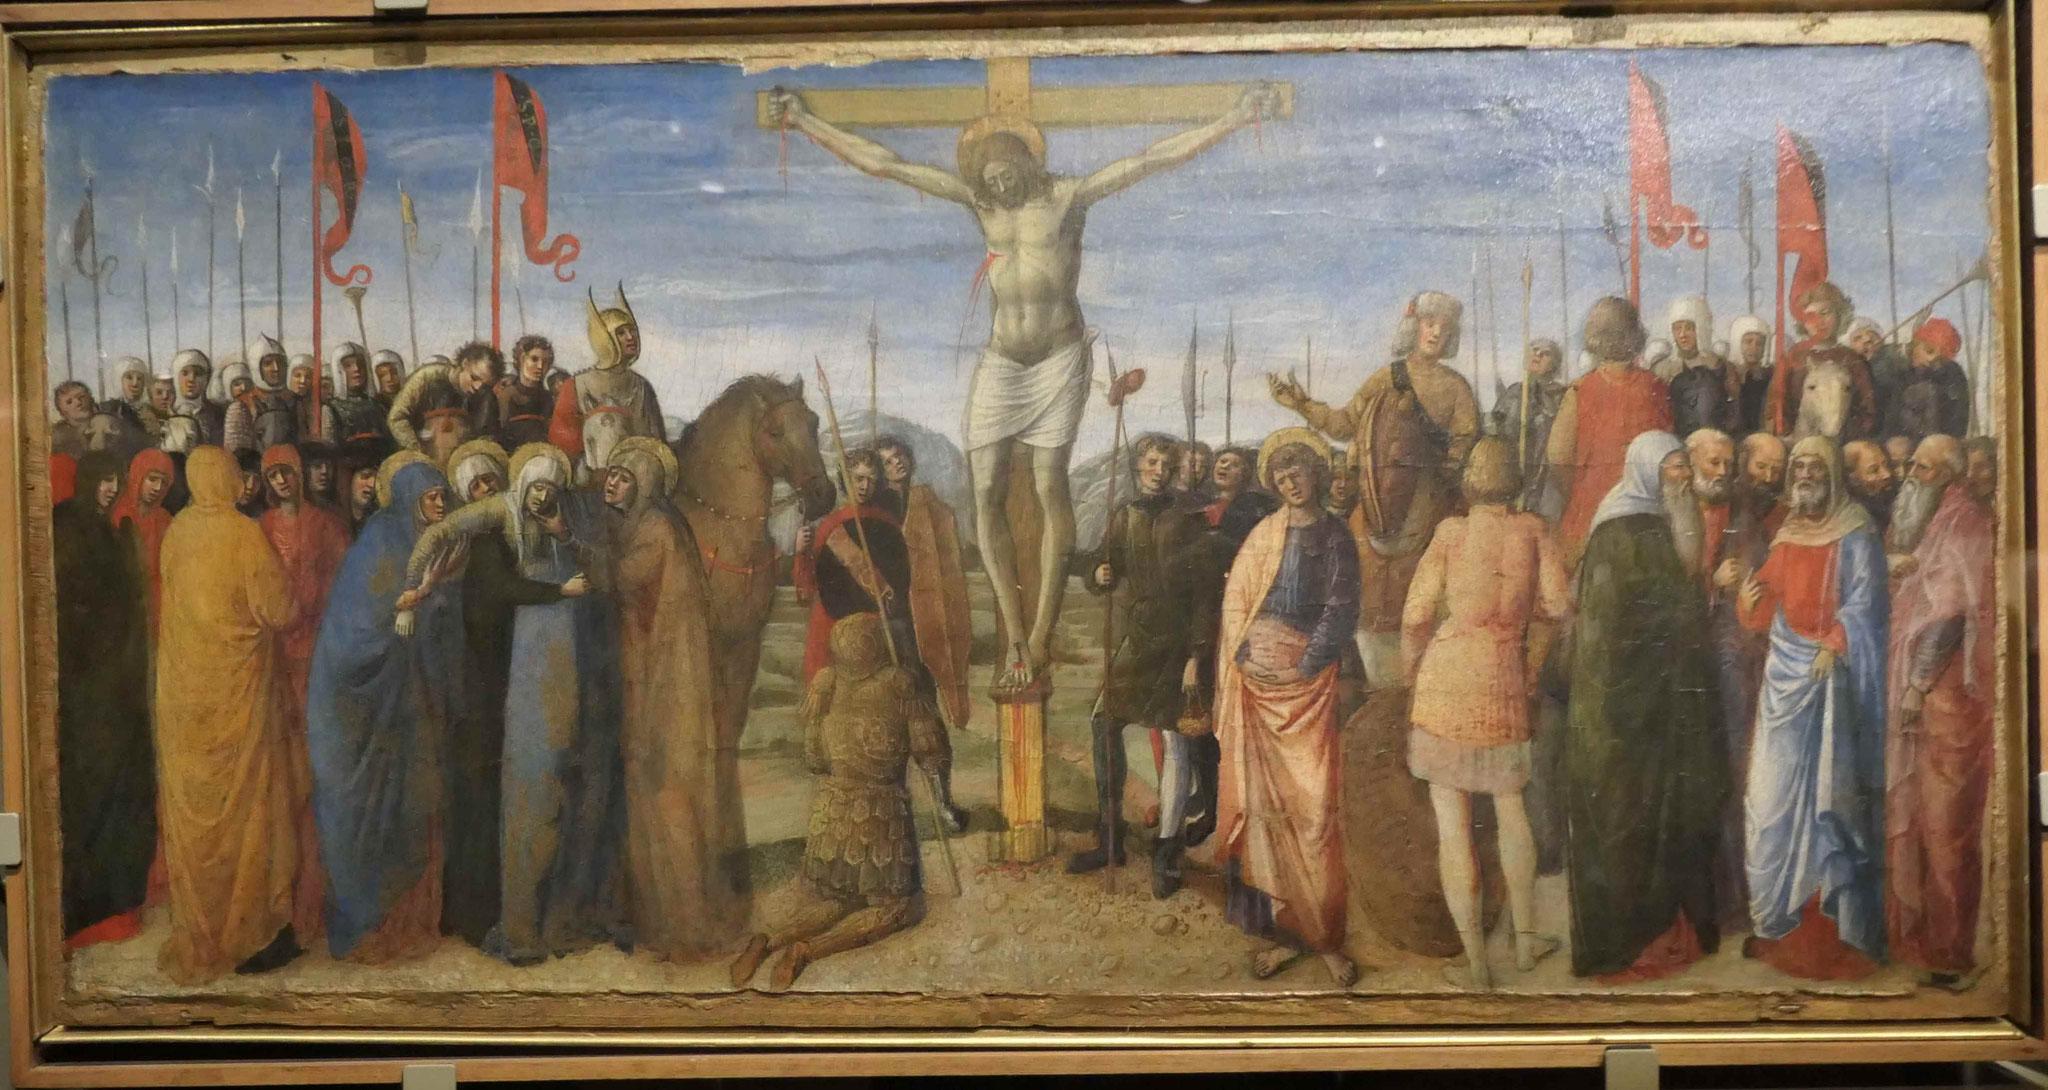 Jacobo,Giovanni und Gentile Bellini, Die Kreuzigung, um 1459/60